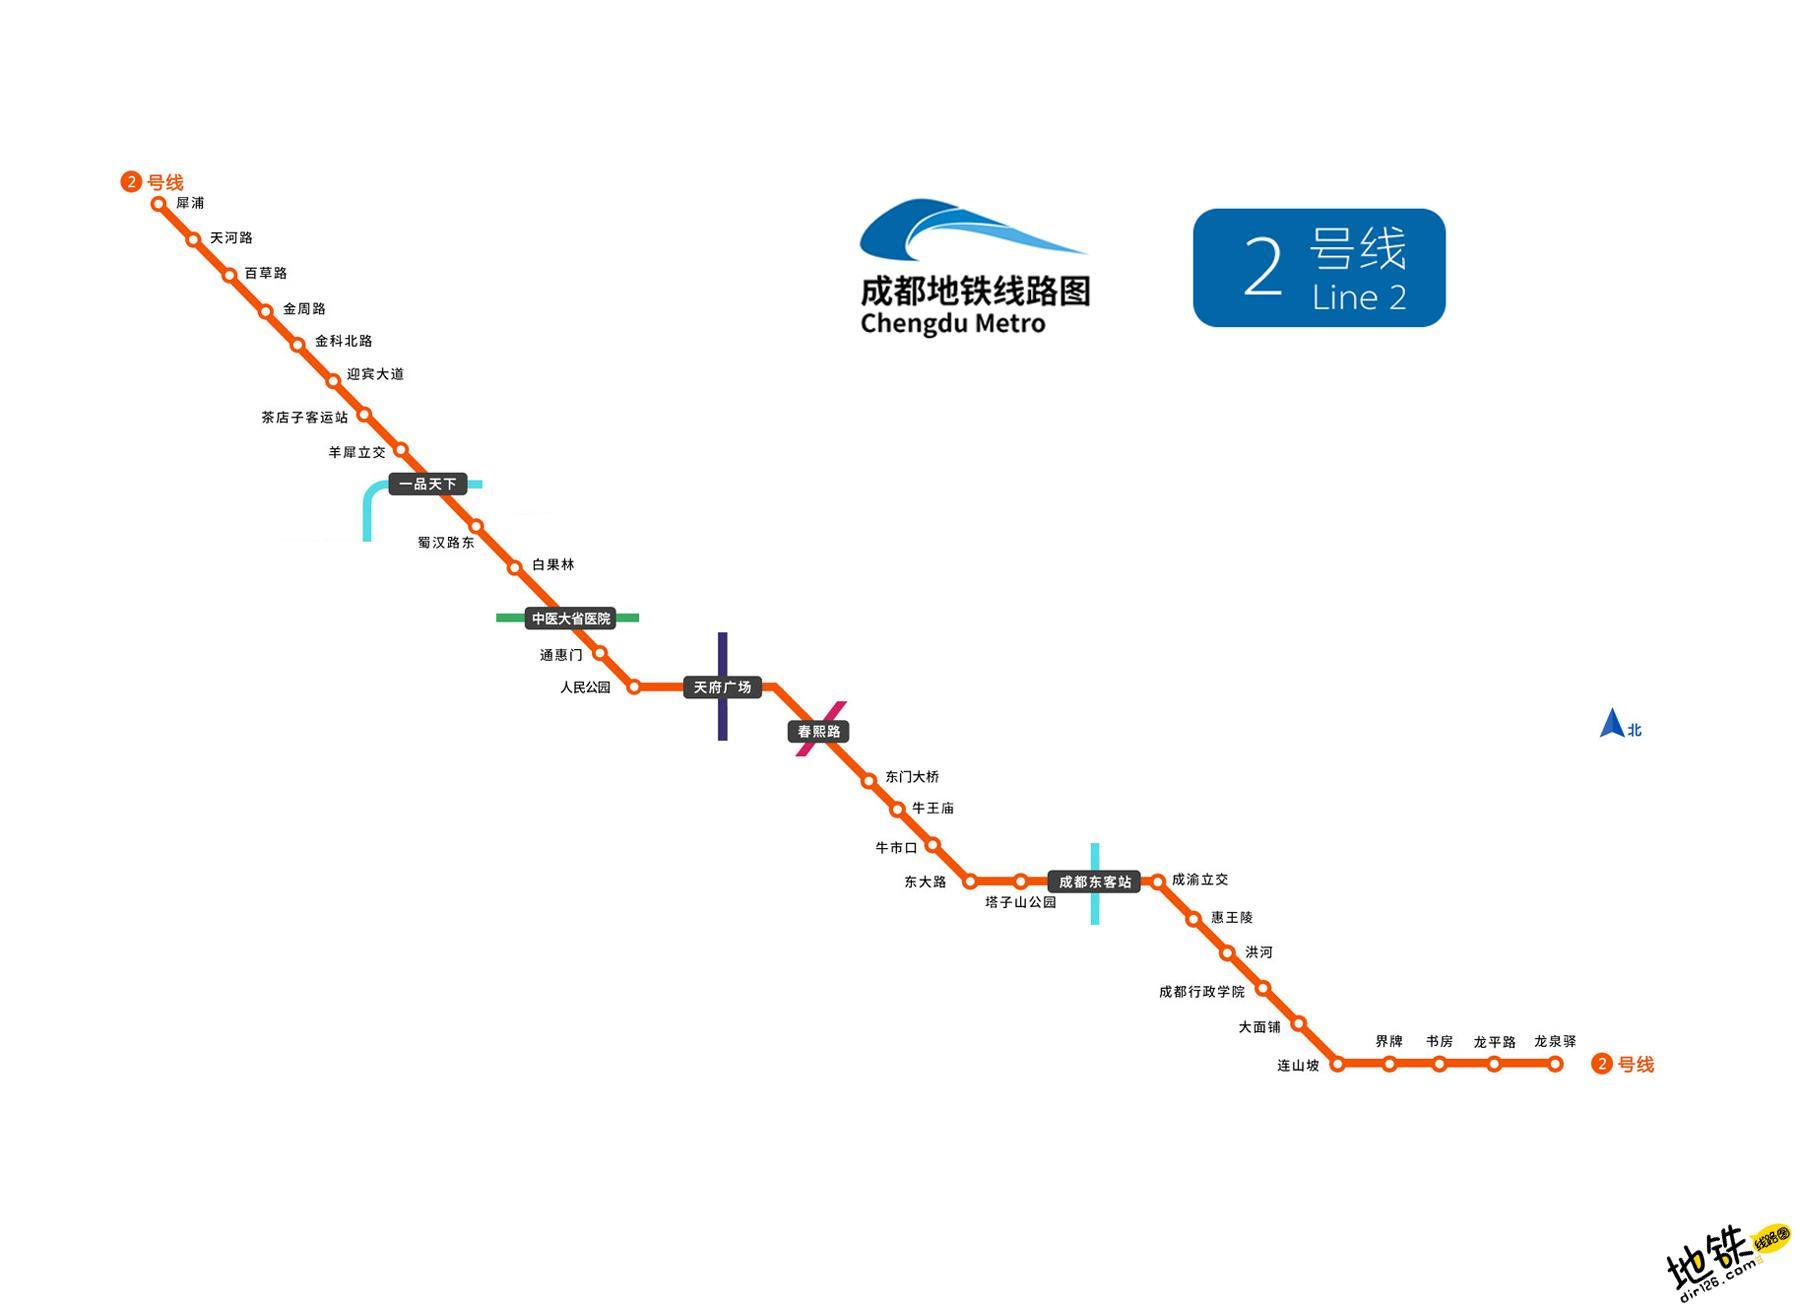 成都地铁2号线线路图 运营时间票价站点 查询下载 成都地铁2号线查询 成都地铁2号线运营时间 成都地铁2号线线路图 成都地铁2号线 成都地铁二号线 成都地铁线路图  第2张